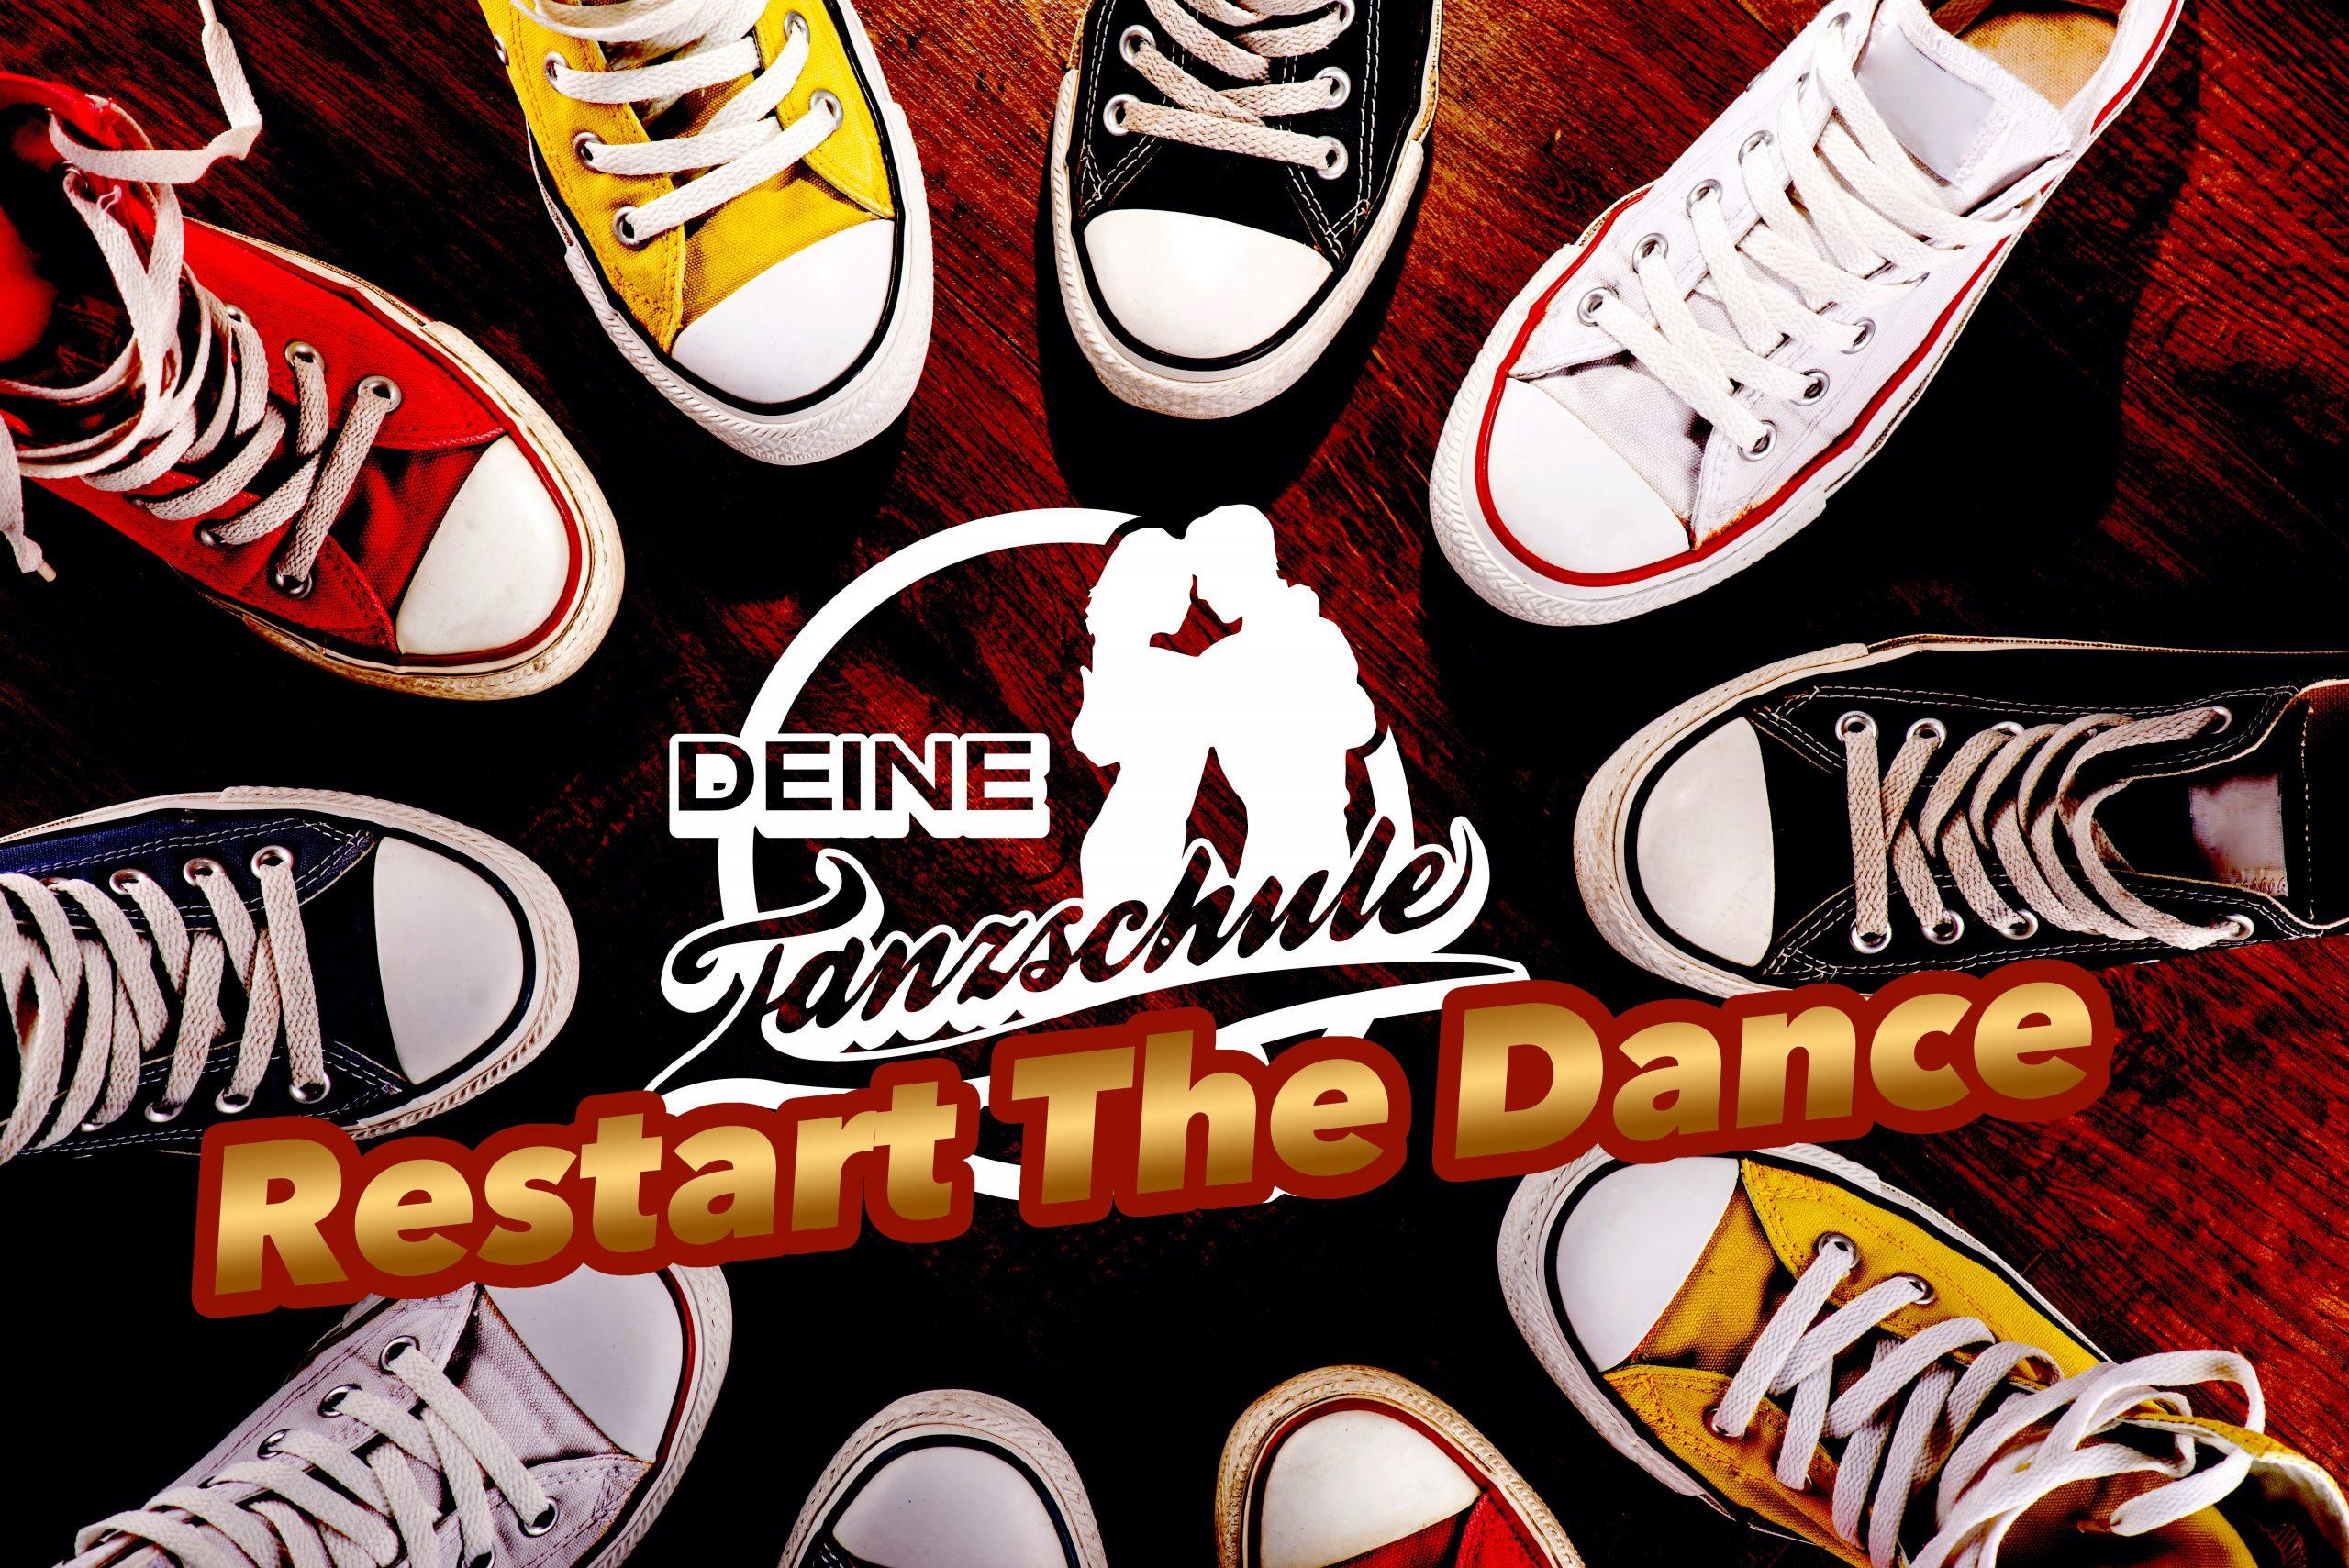 RESTART THE DANCE